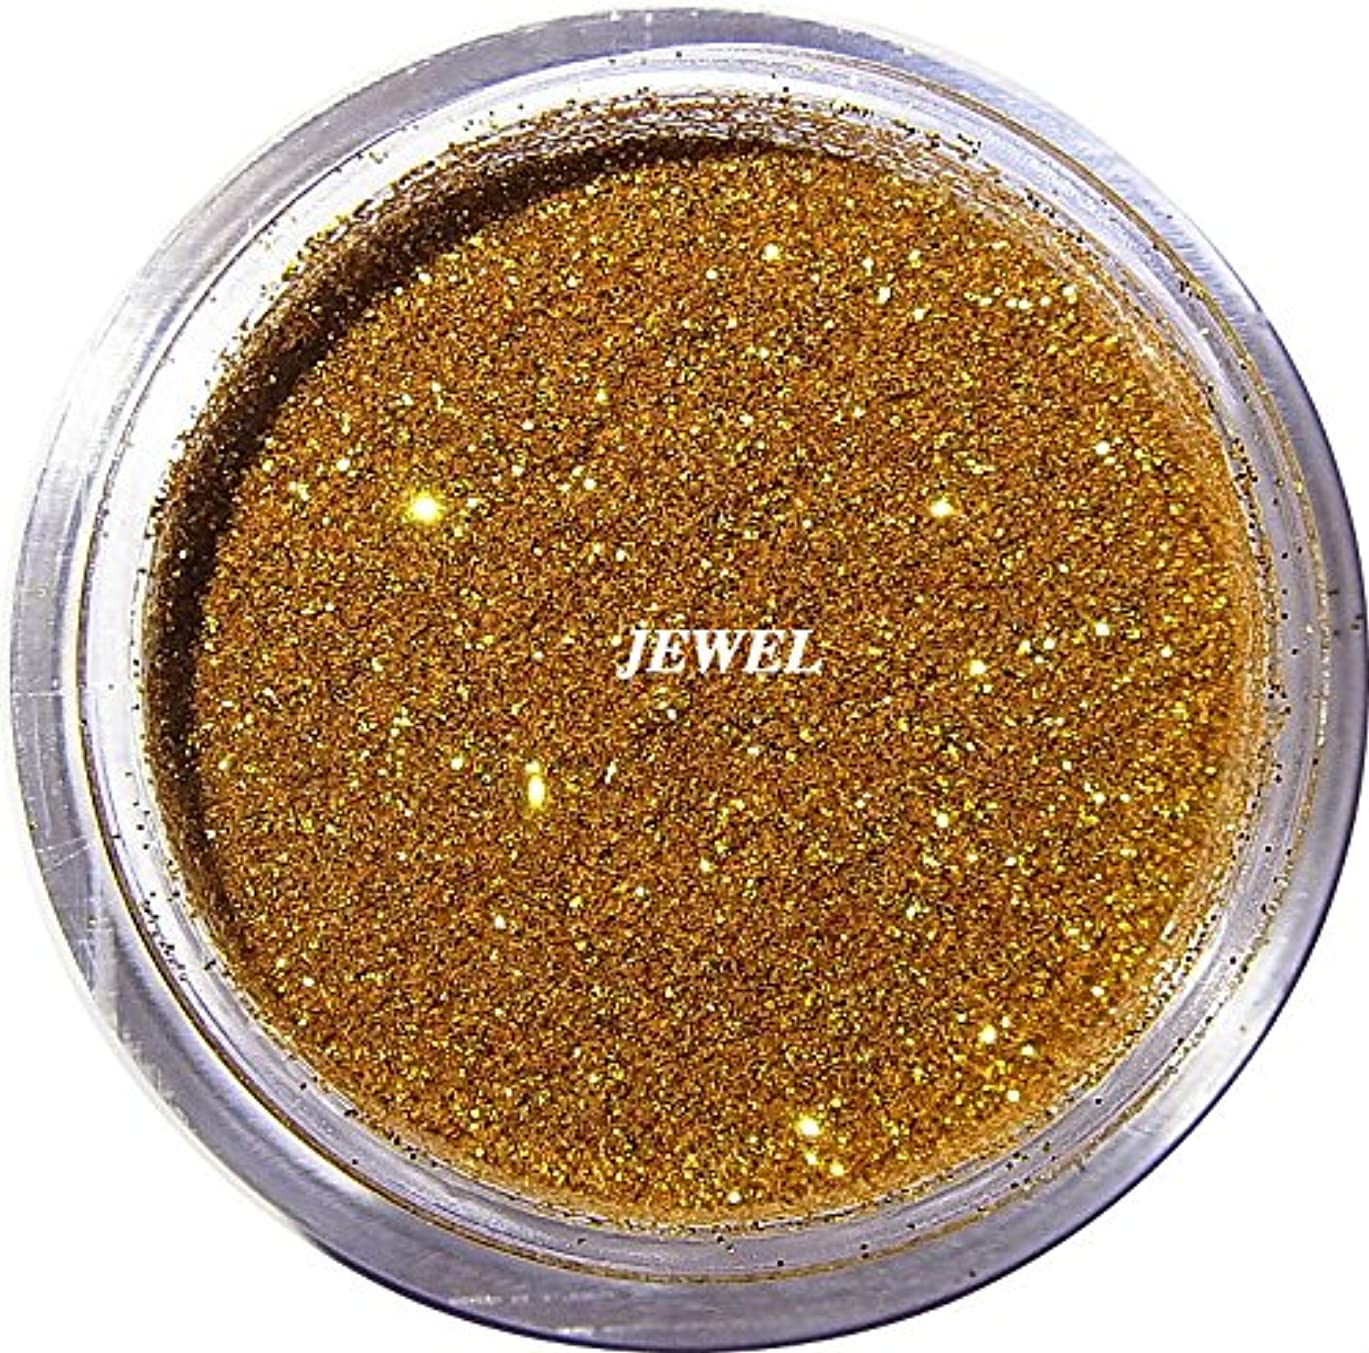 政策暗殺こしょう【jewel】 超微粒子ラメパウダー(金/ゴールド) 256/1サイズ 2g入り レジン&ネイル用 グリッター